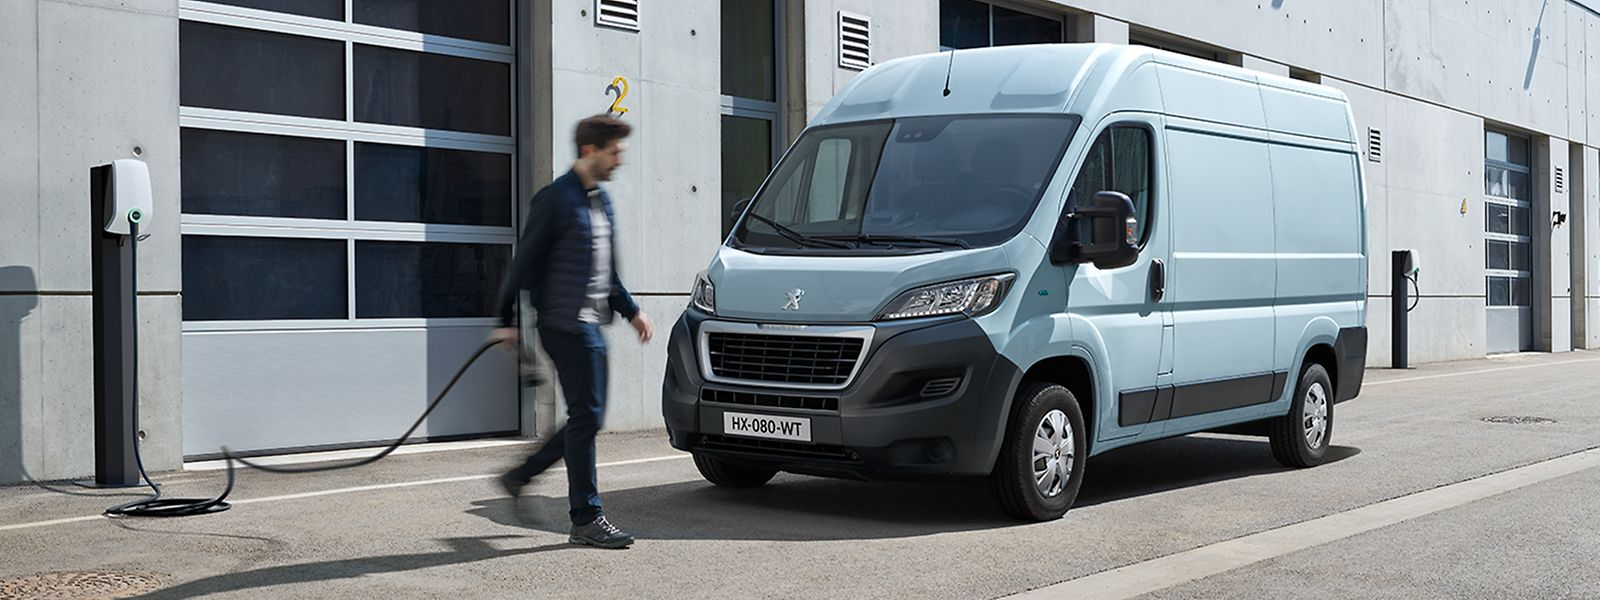 Elektro-Transporter wie der Peugeot e-Boxer sind weiter auf dem Vormarsch.